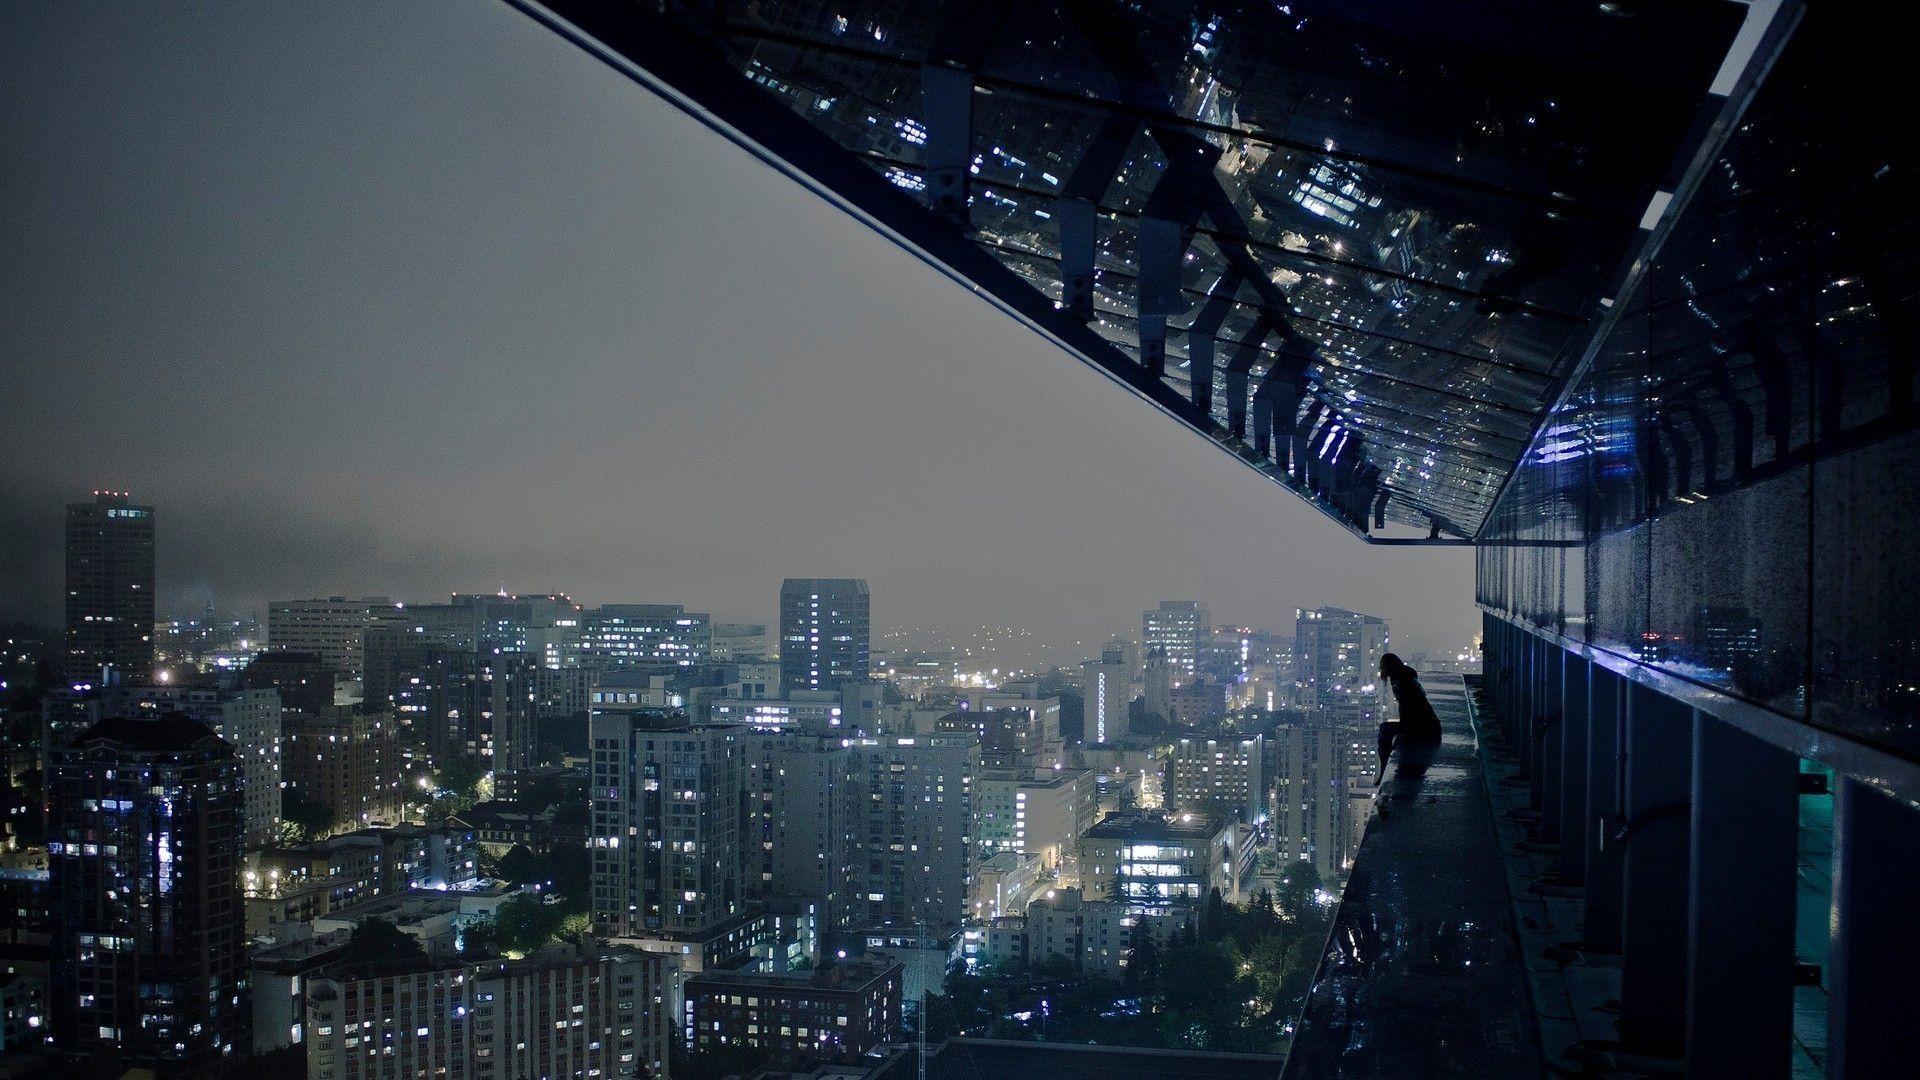 19201080 City Night Lights Hd Wallpaper A Fullhdwpp Full Hd Wallpapers 4k In 2020 City Wallpaper Anime City Rain Wallpapers